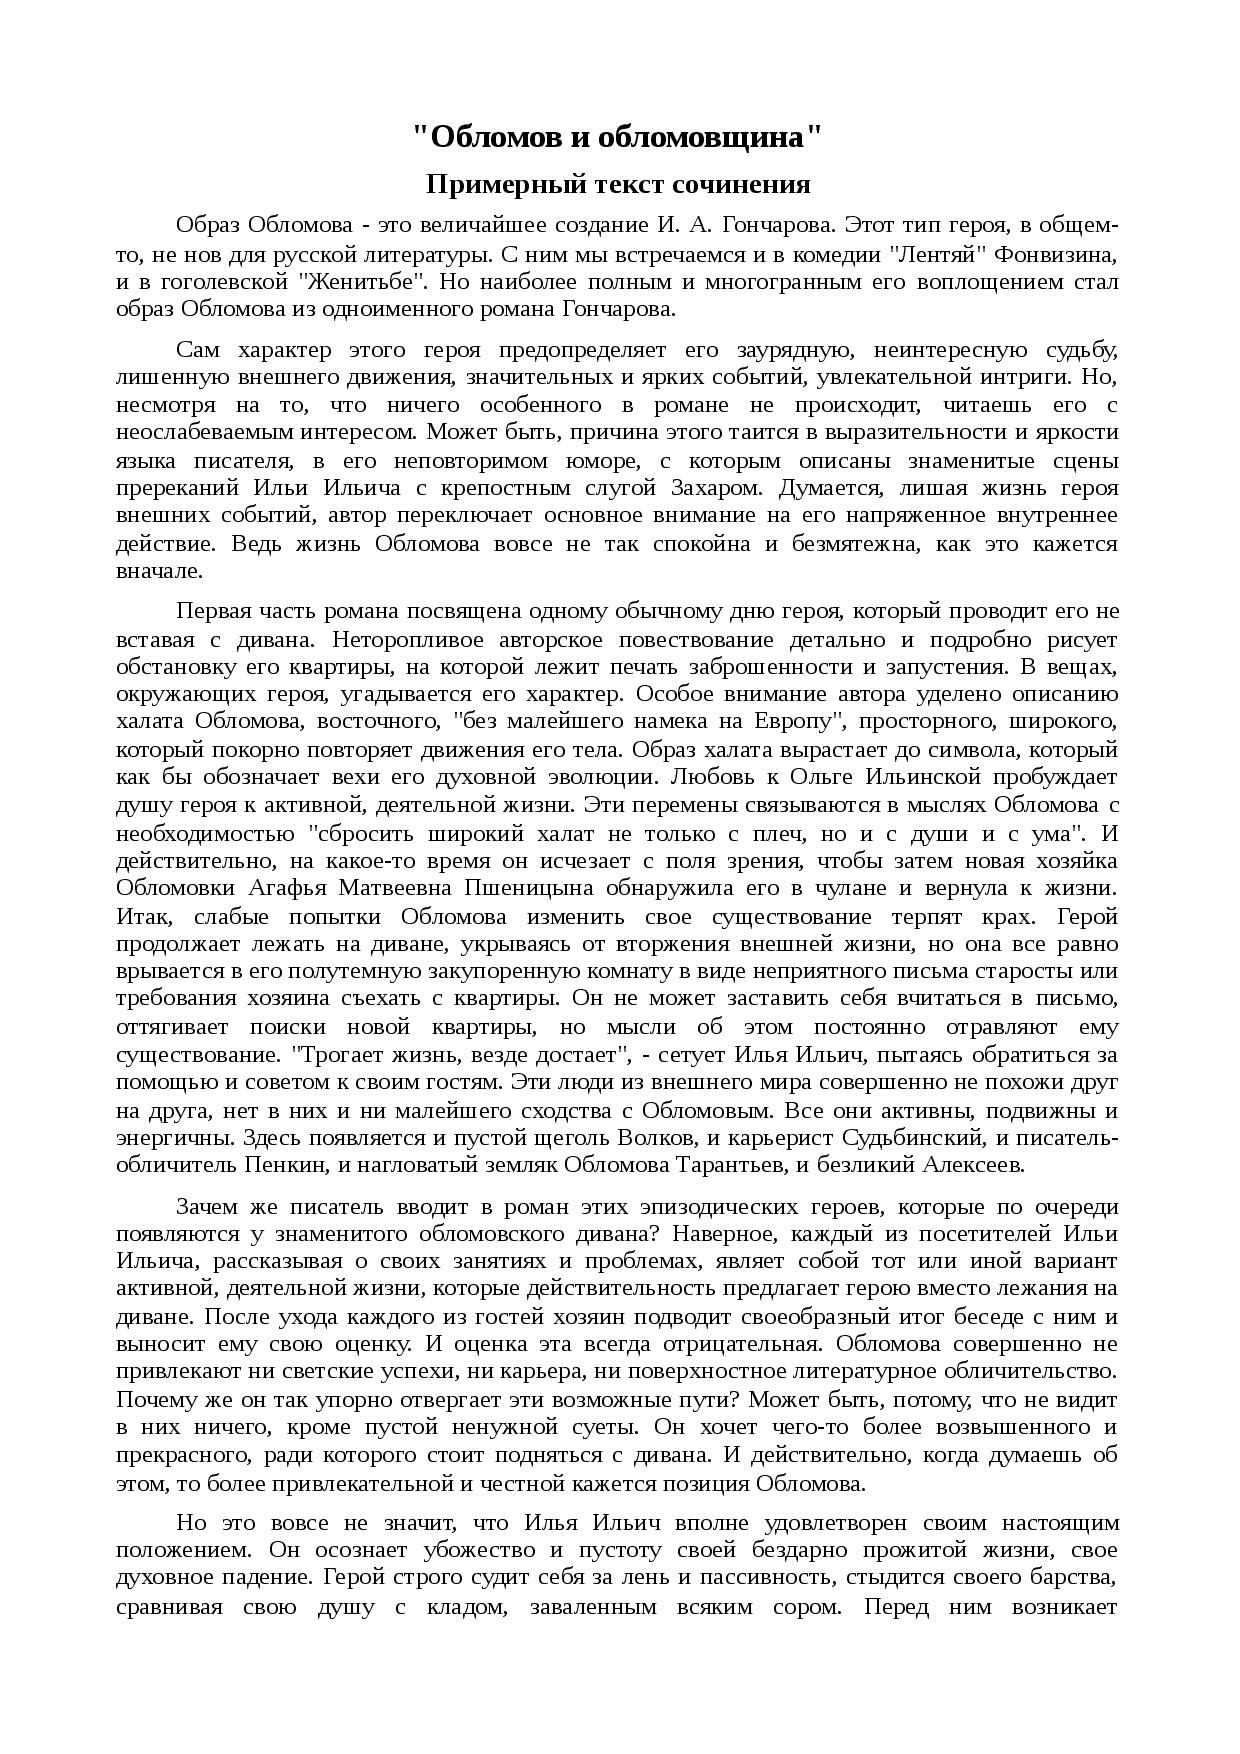 «обломов» краткое содержание по главам романа гончарова – читать пересказ произведения онлайн